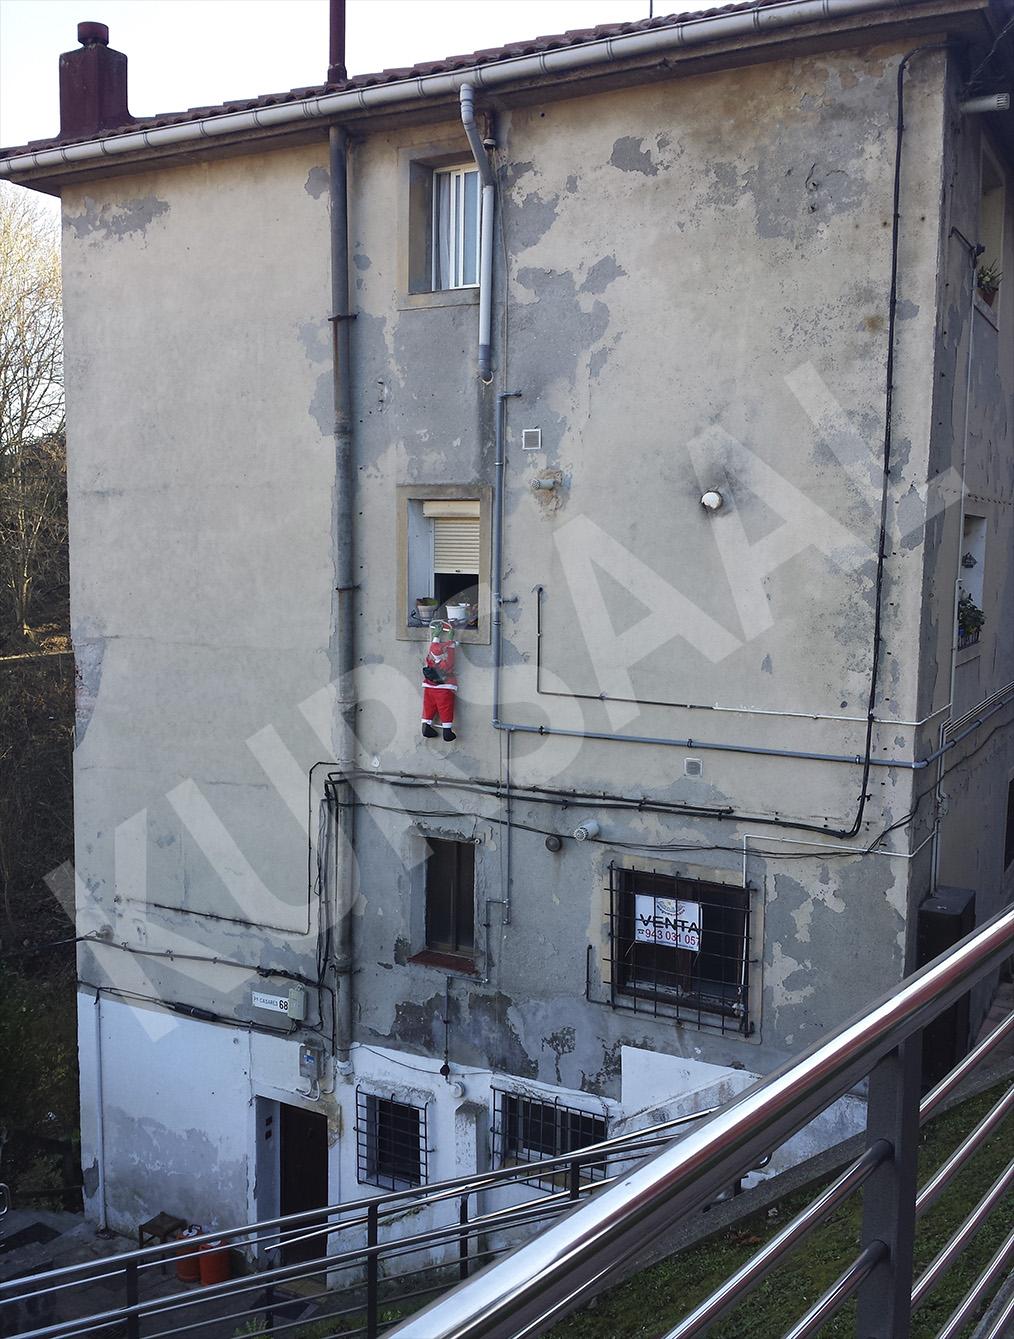 foto 9 - Aislamientos Térmicos y Eficiencia Energética-Casares 66-PASAIA, GIPUZKOA